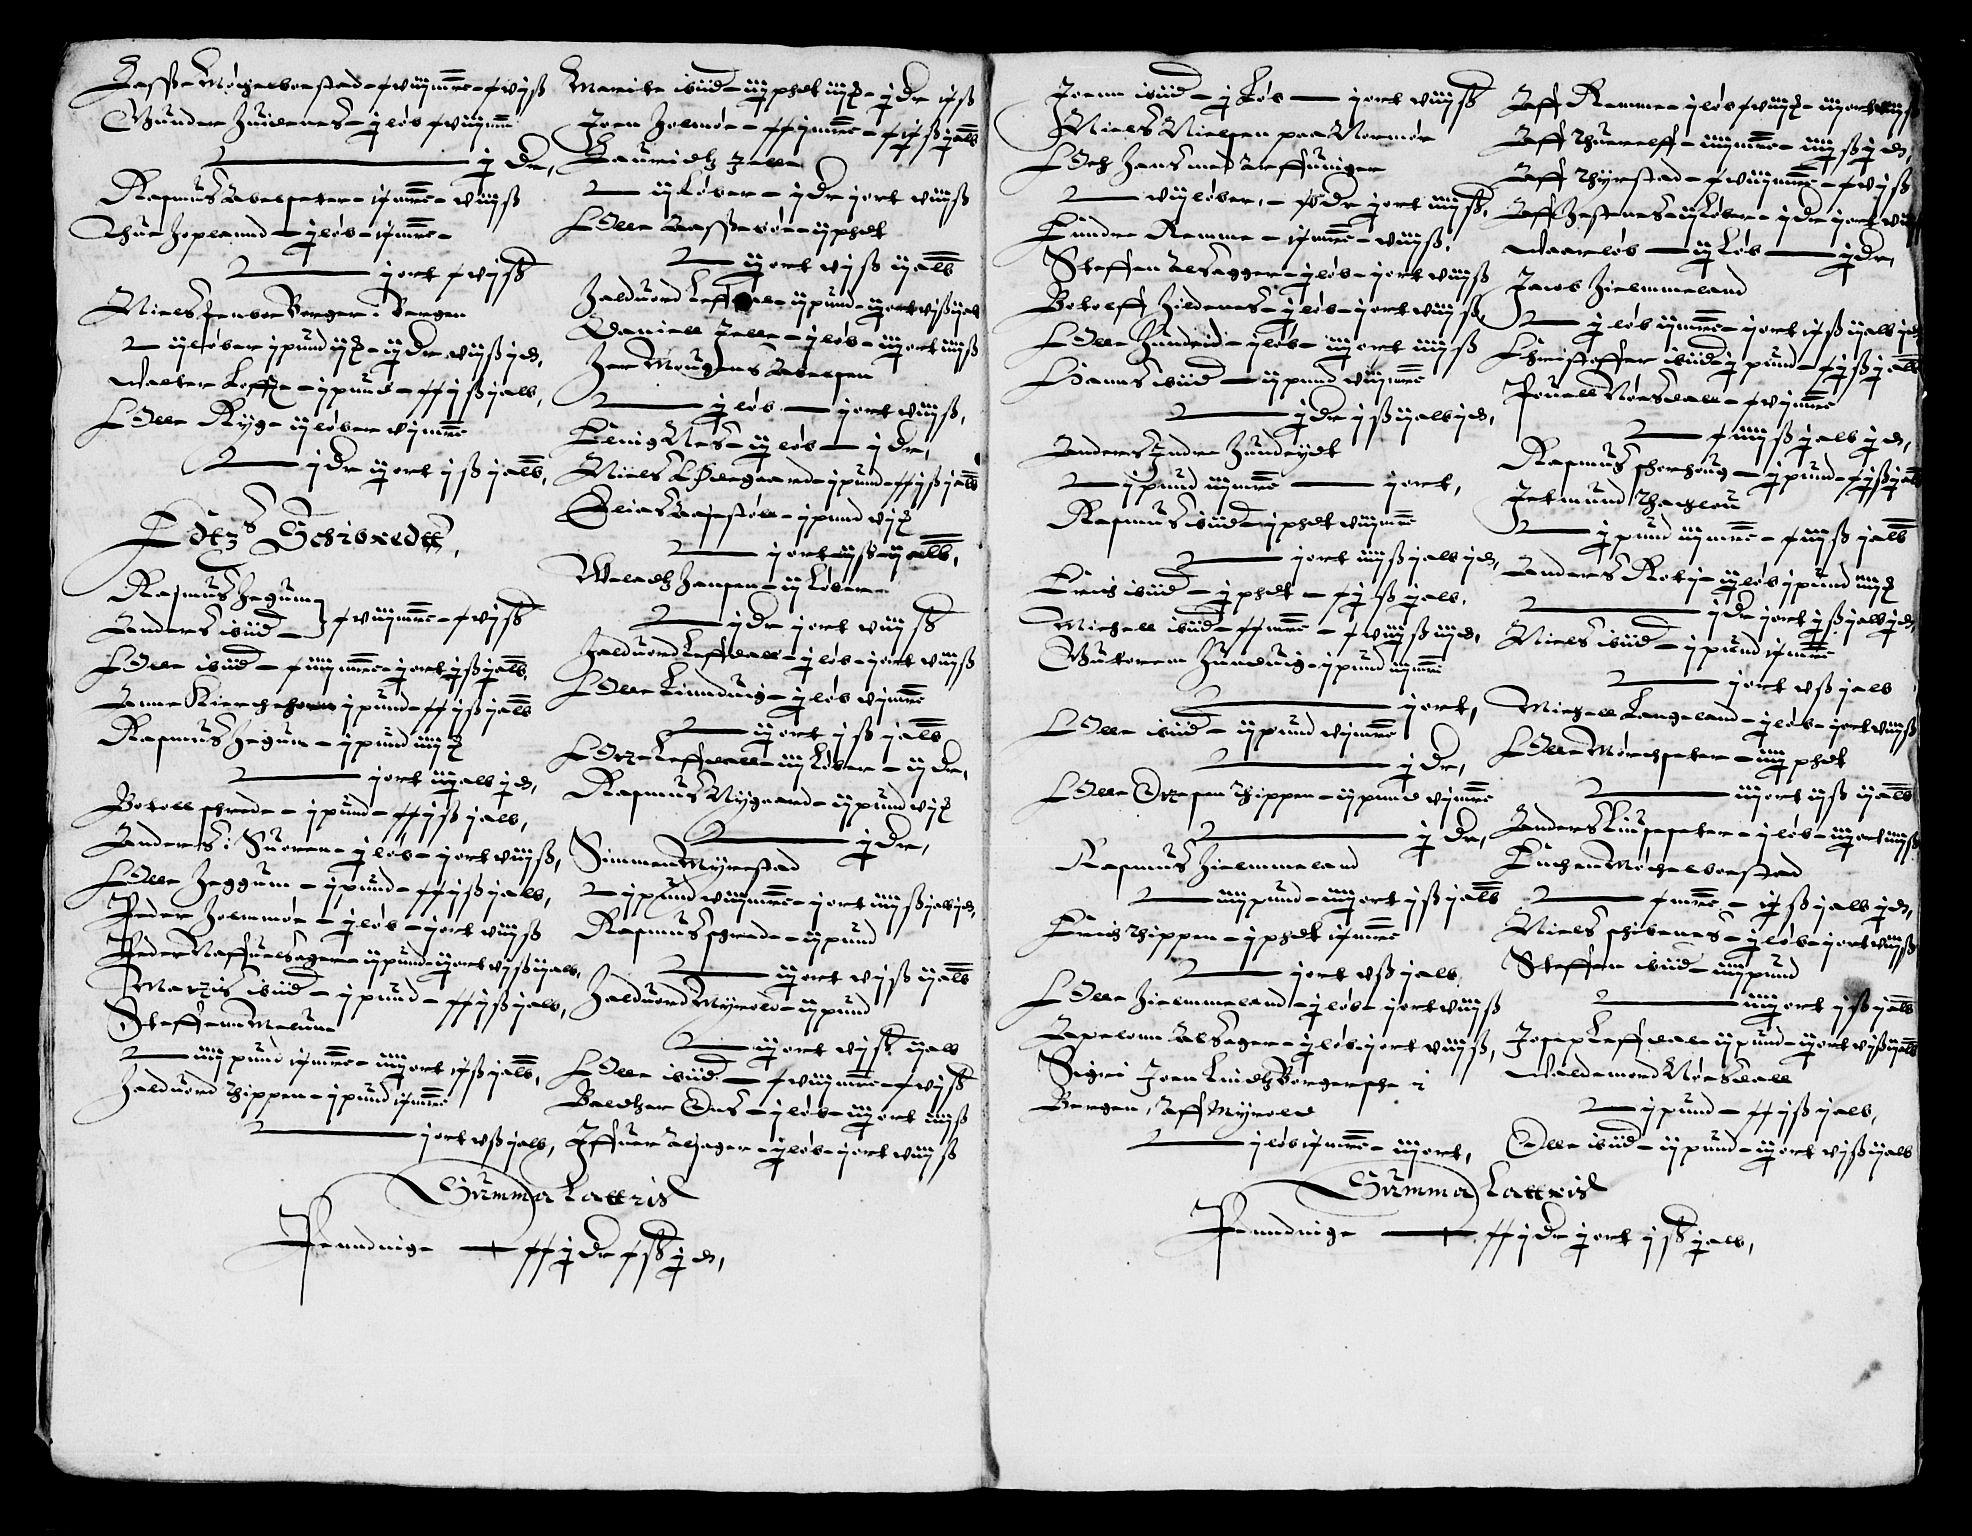 RA, Rentekammeret inntil 1814, Reviderte regnskaper, Lensregnskaper, R/Rb/Rbt/L0050: Bergenhus len, 1628-1629